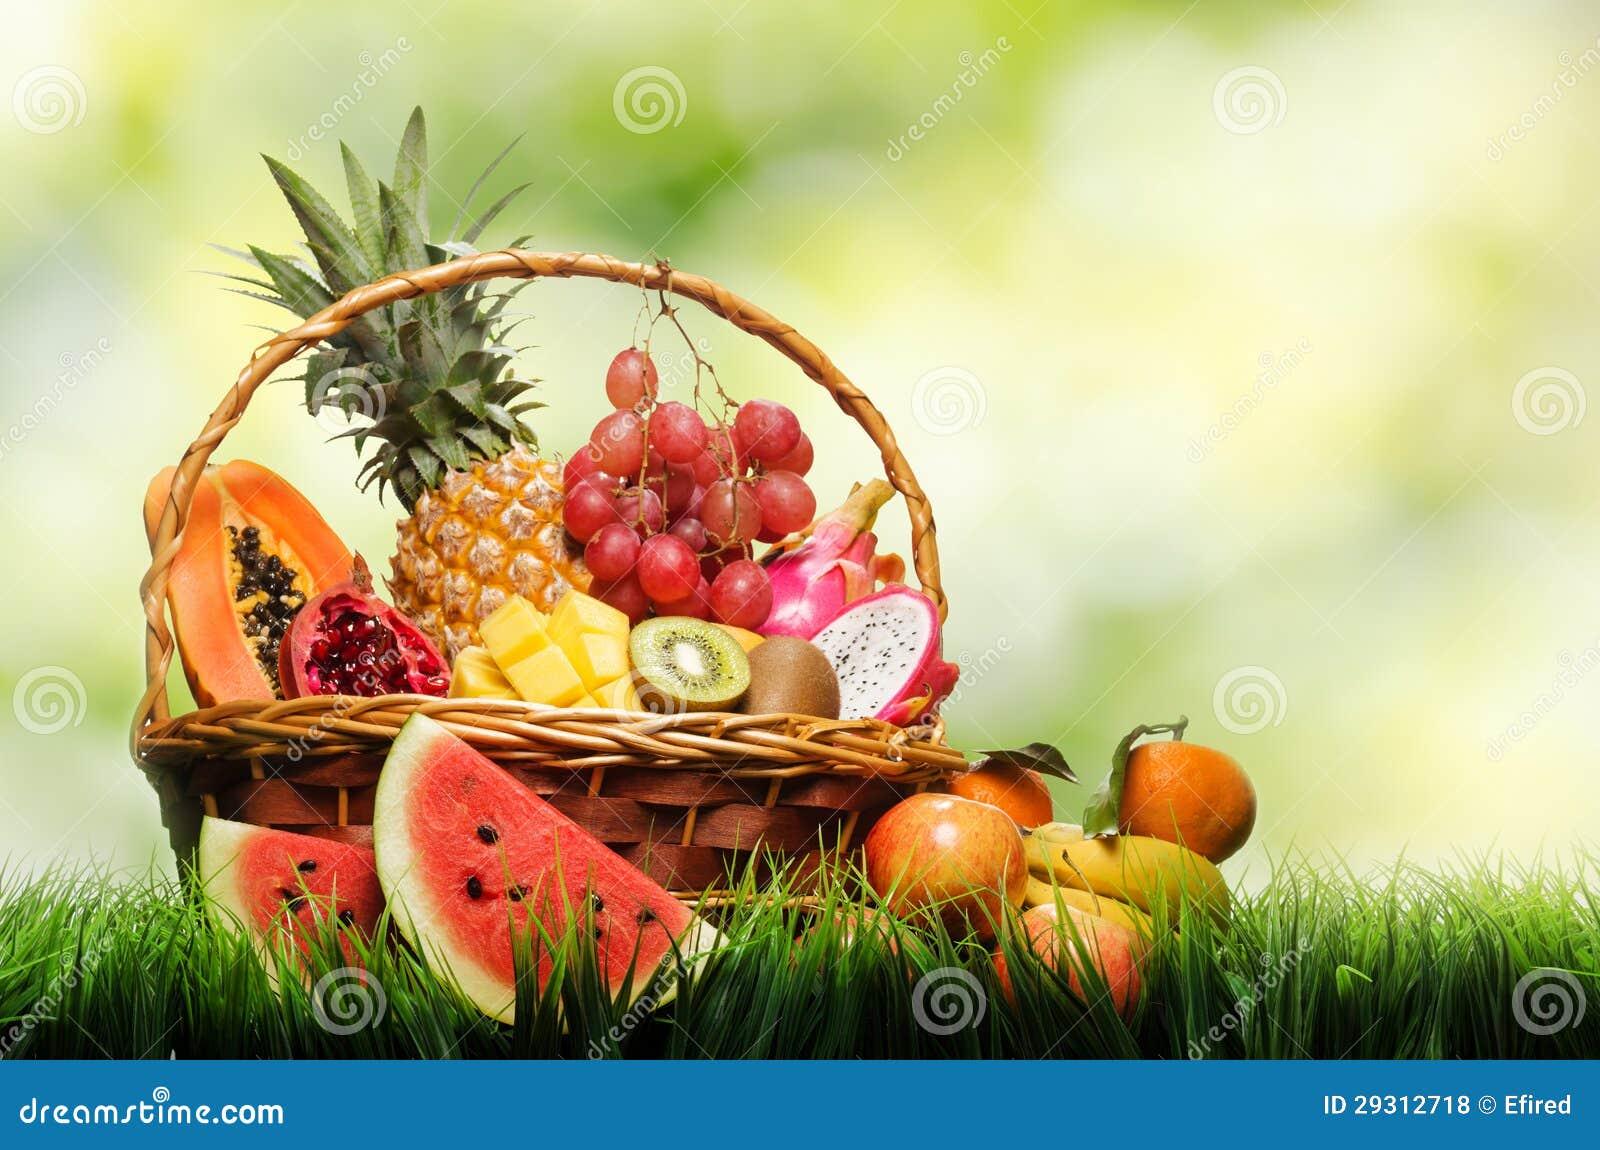 panier des fruits tropicaux sur l 39 herbe verte photo stock. Black Bedroom Furniture Sets. Home Design Ideas